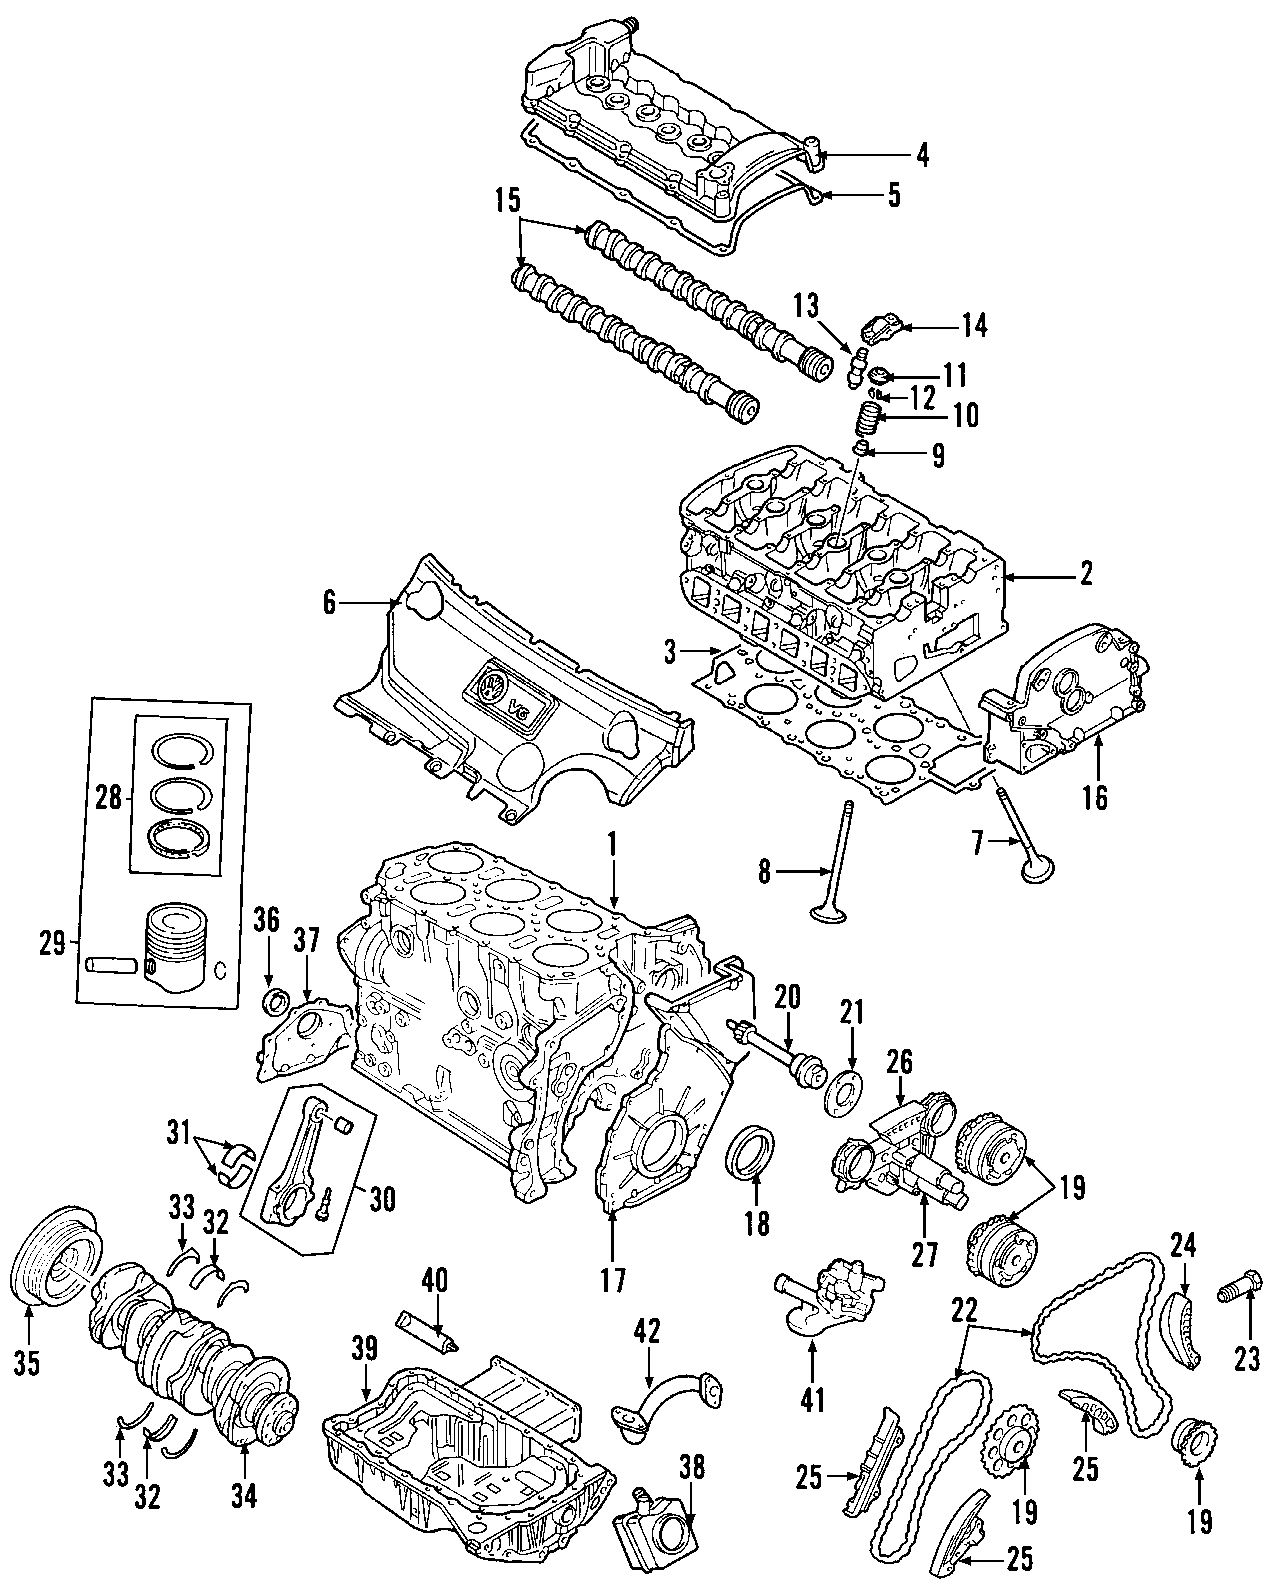 2004 Volkswagen Jetta GLI Engine Timing Chain Tensioner